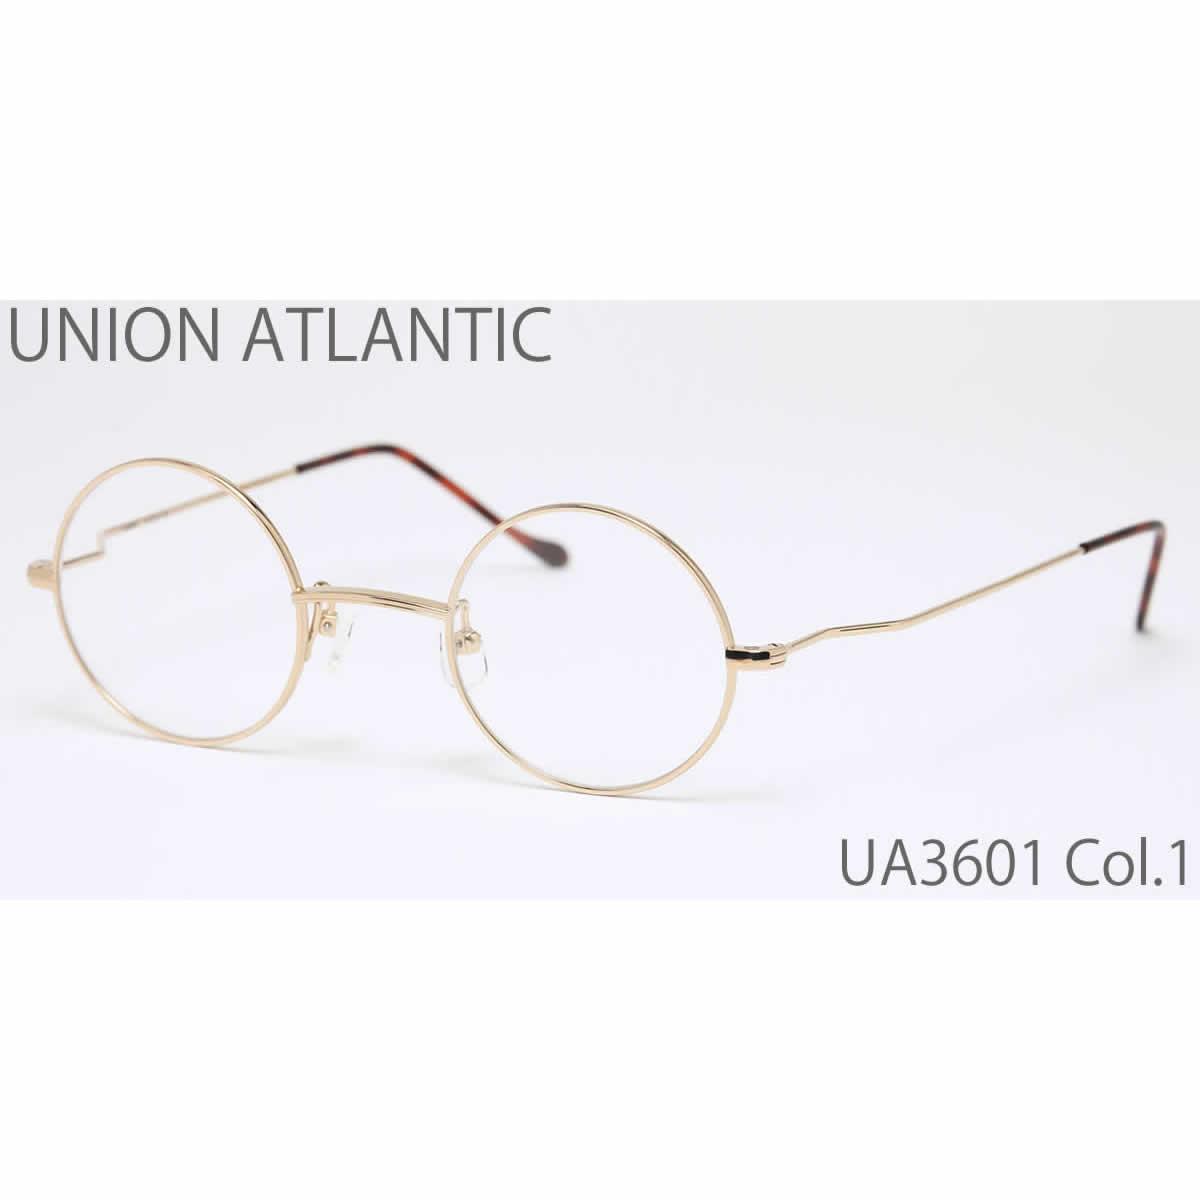 【10月30日からエントリーで全品ポイント20倍】【14時までのご注文は即日発送】UA3601 1 41 UNION ATLANTIC (ユニオンアトランティック) メガネ メンズ レディース【あす楽対応】【伊達メガネ用レンズ無料!!】